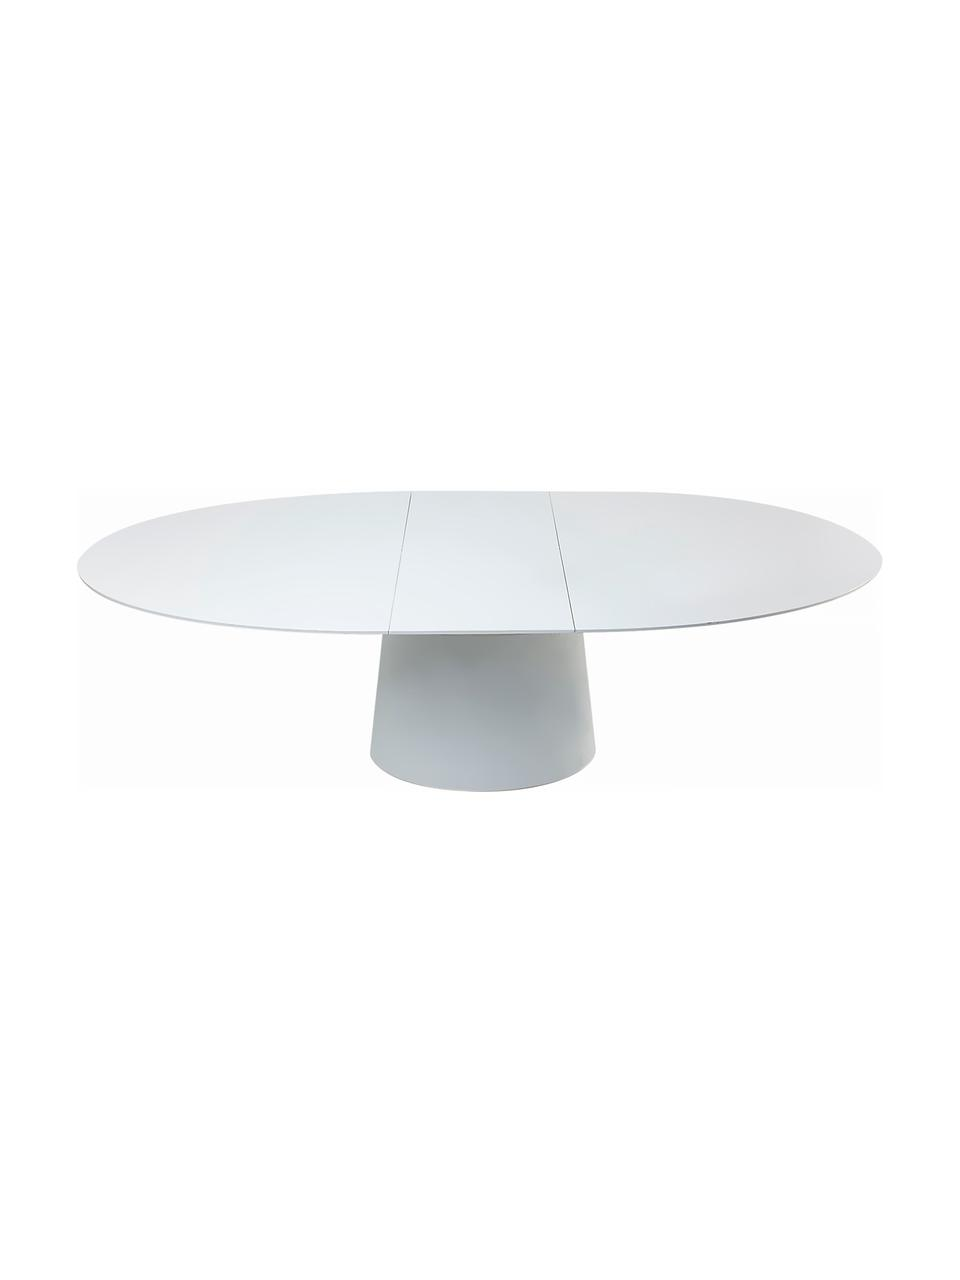 Ovale uitschuifbare eettafel Benvenuto in wit, Gelakt MDF, Wit, B 200 tot 250 x D 110 cm